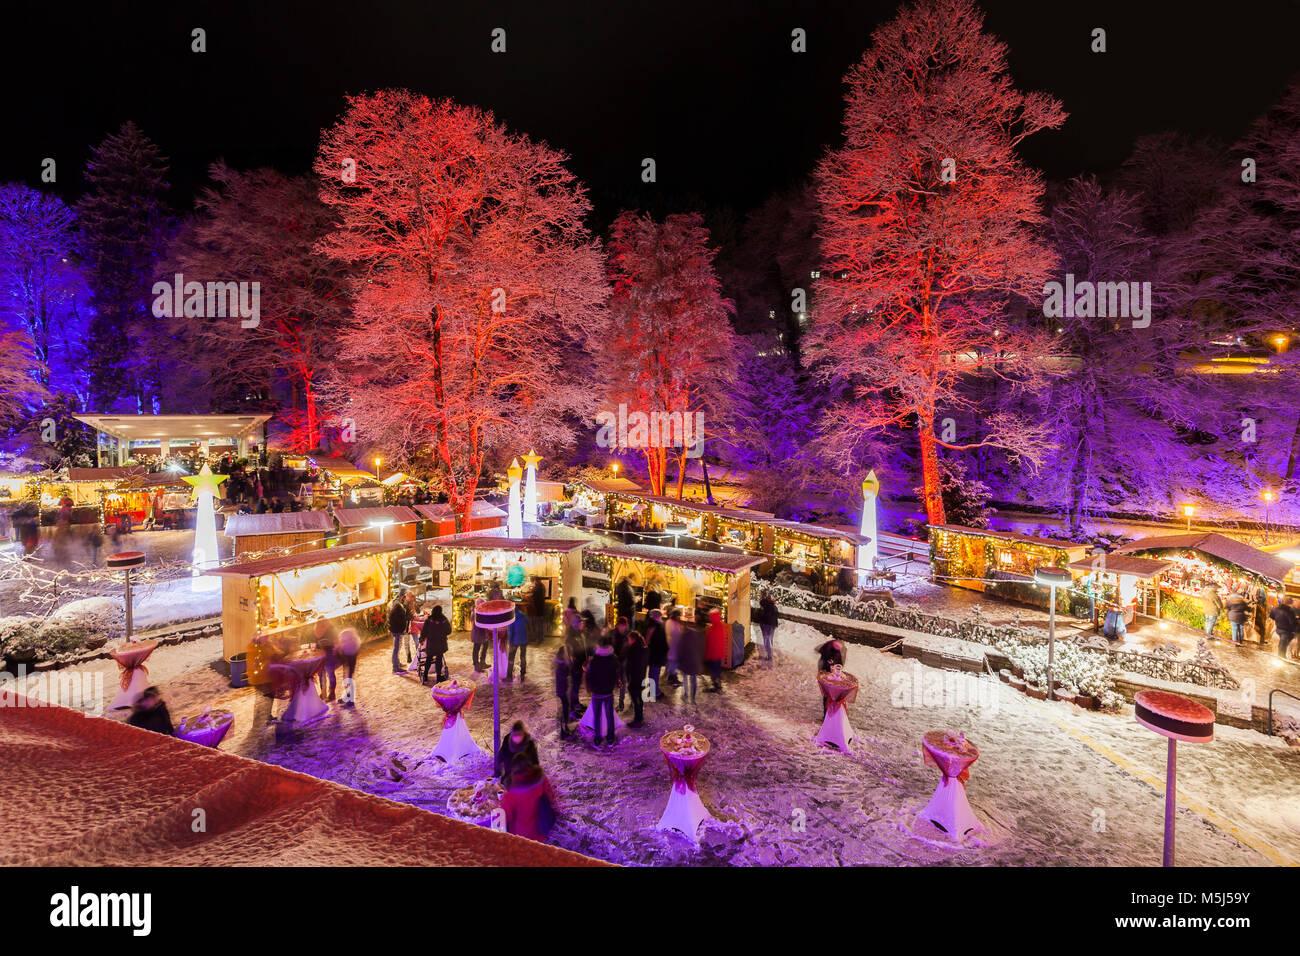 Deutschland, Baden-Württemberg, Schwarzwald, Bad Wildbad, Kurpark, Weihnachtsmarkt, Markt, Marktstände, - Stock Image